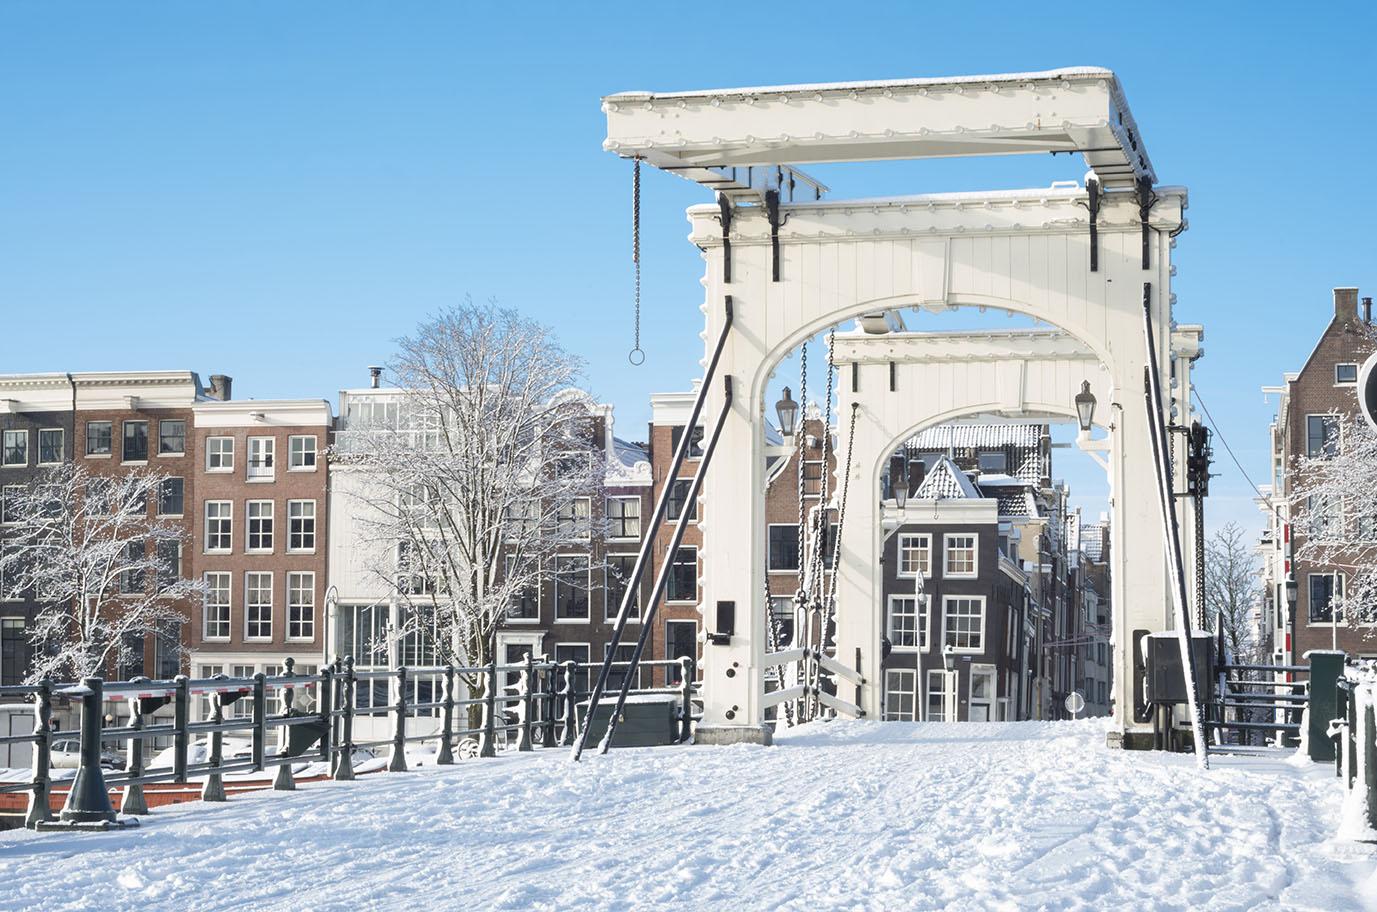 brug onder de sneeuw in Nederlandse stad